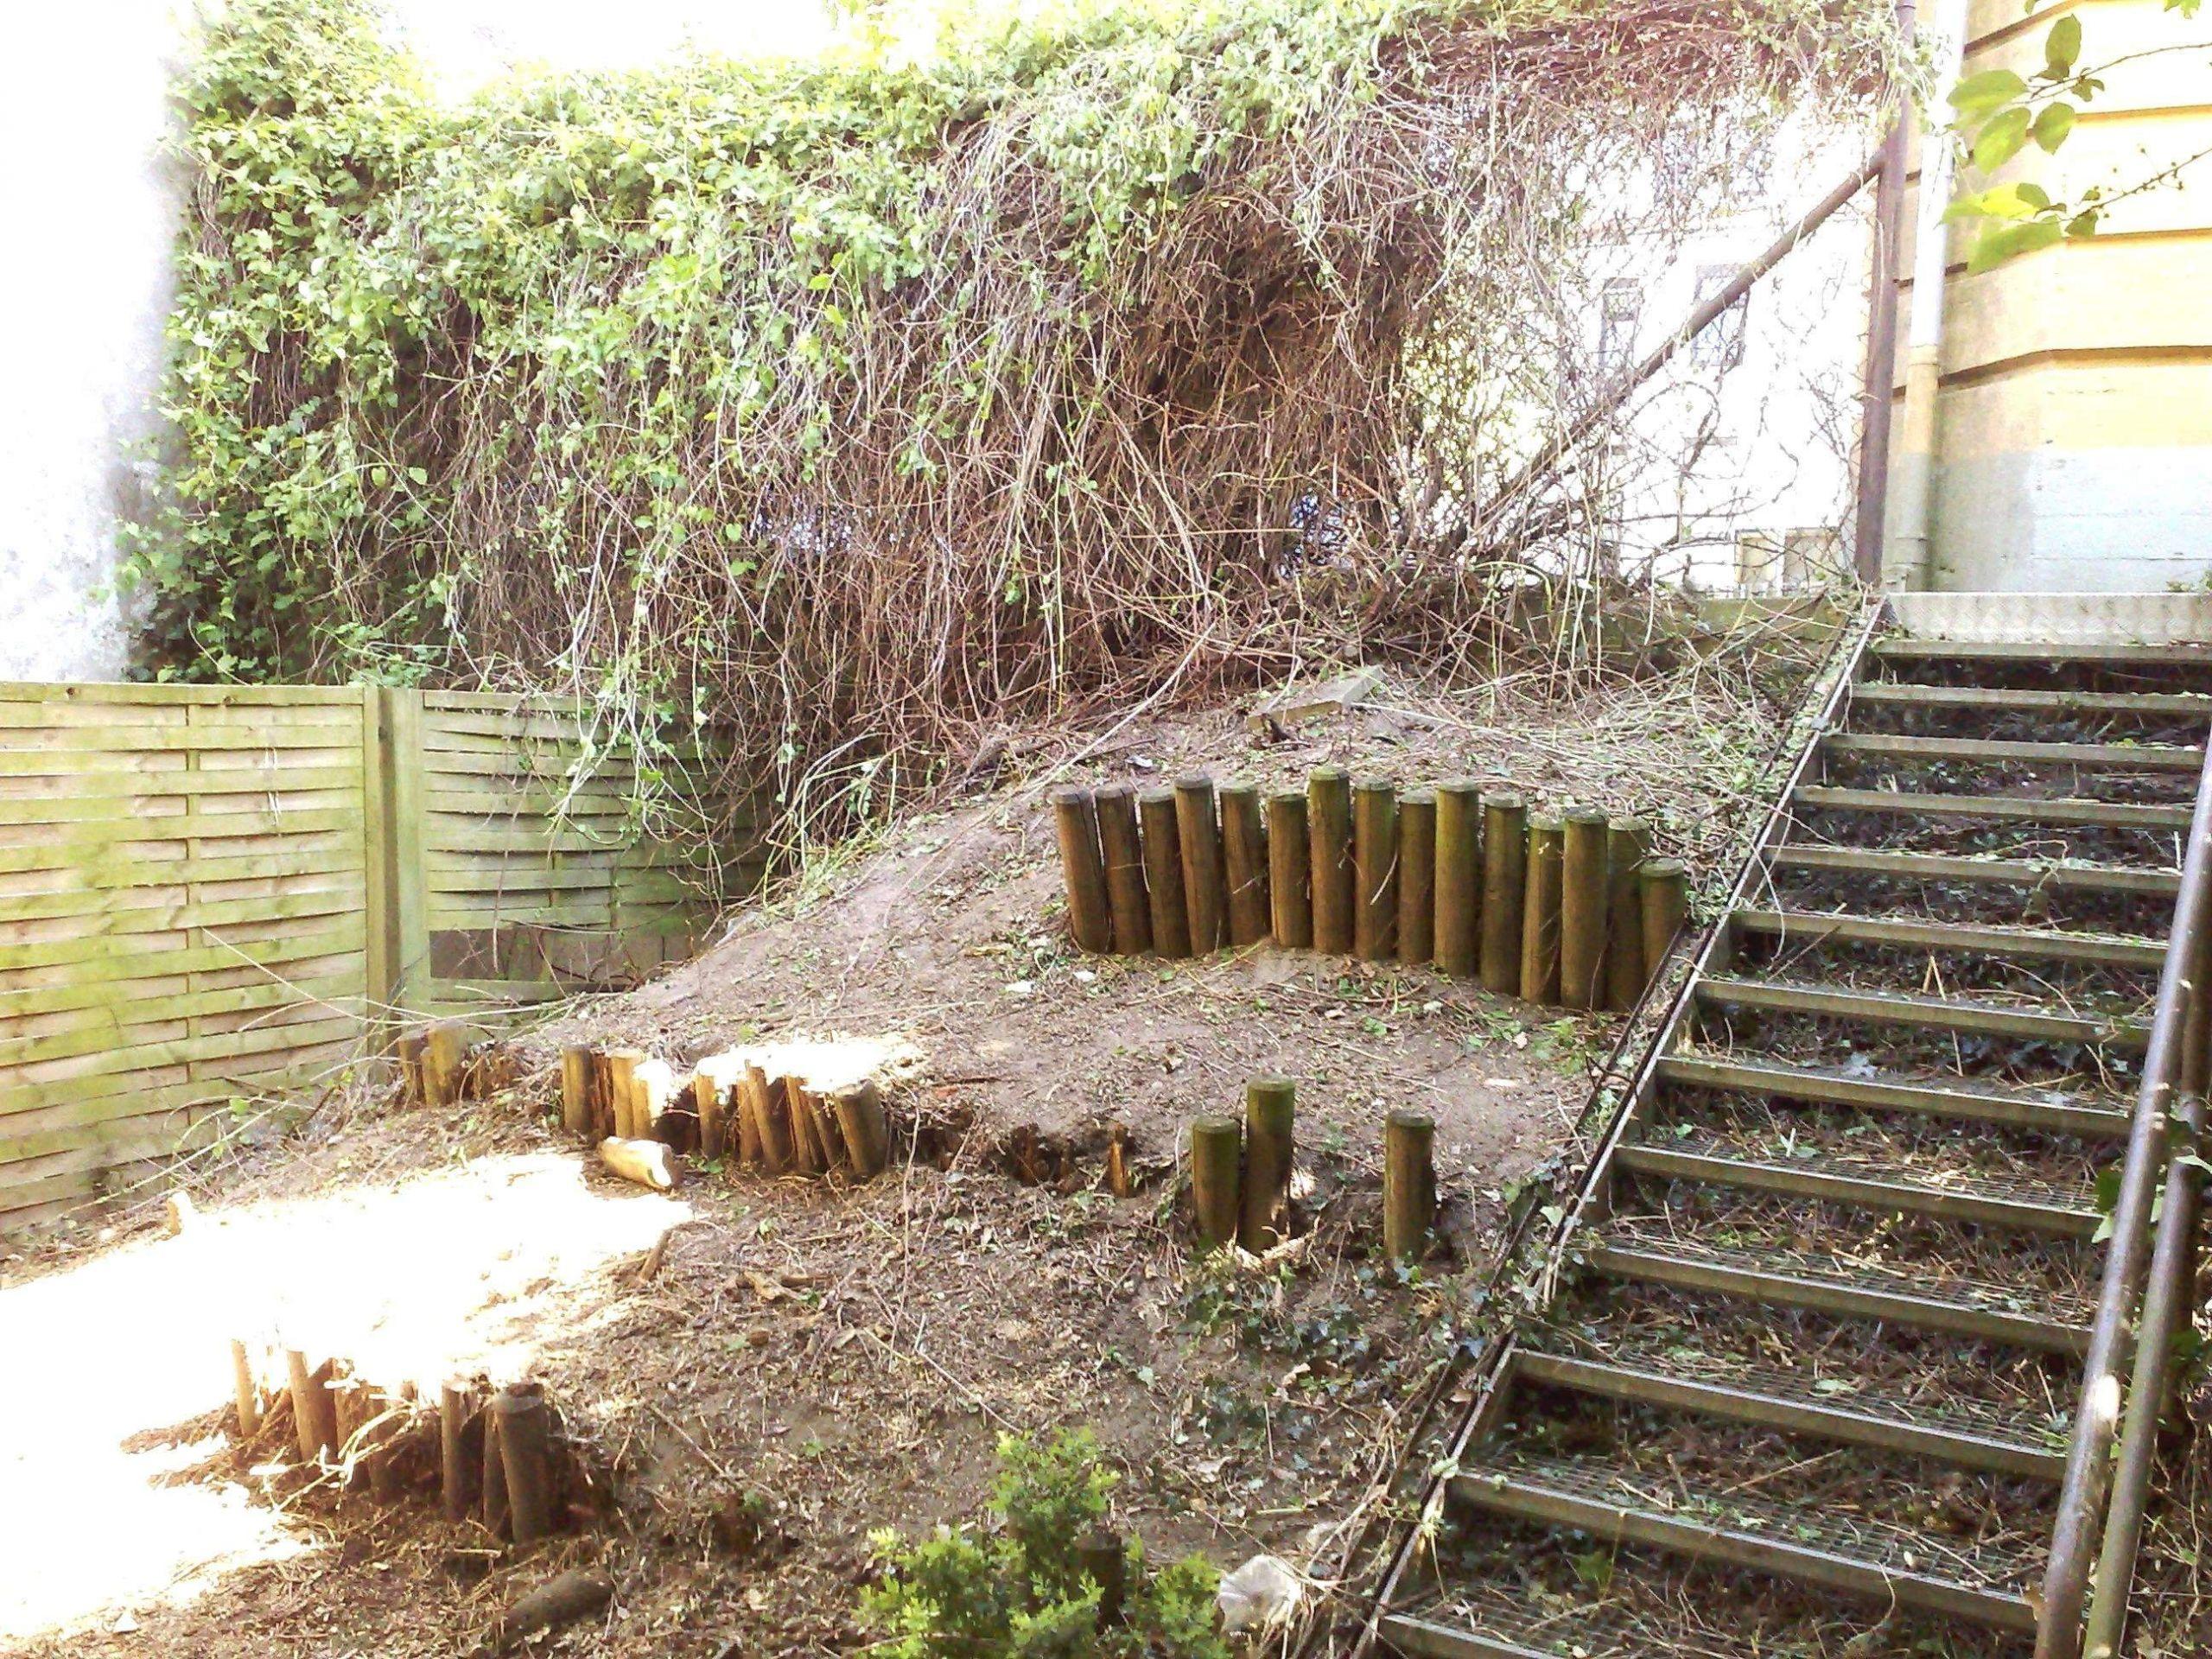 Sitzecke Garten Ideen Frisch 40 Inspirierend Sitzecke Garten Selber Bauen Inspirierend